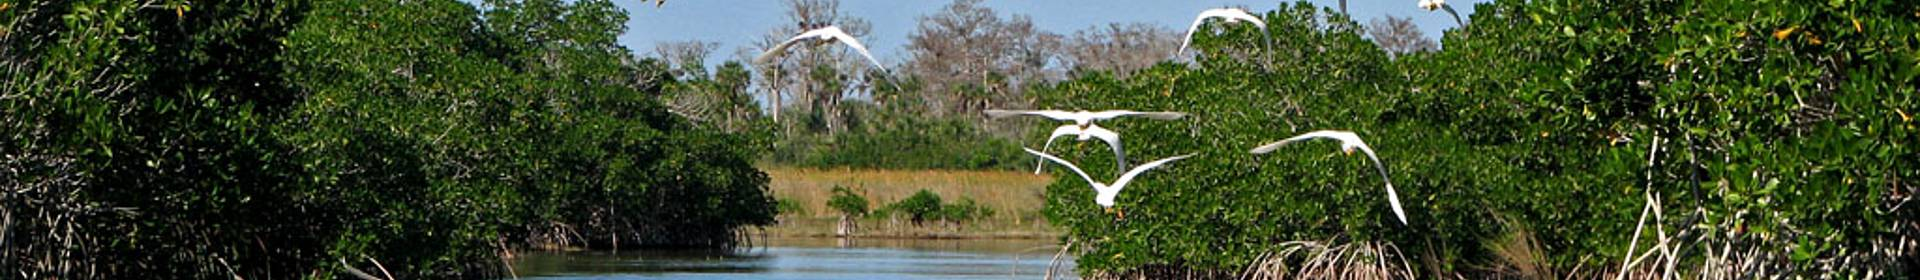 Parque nacional de los Everglades